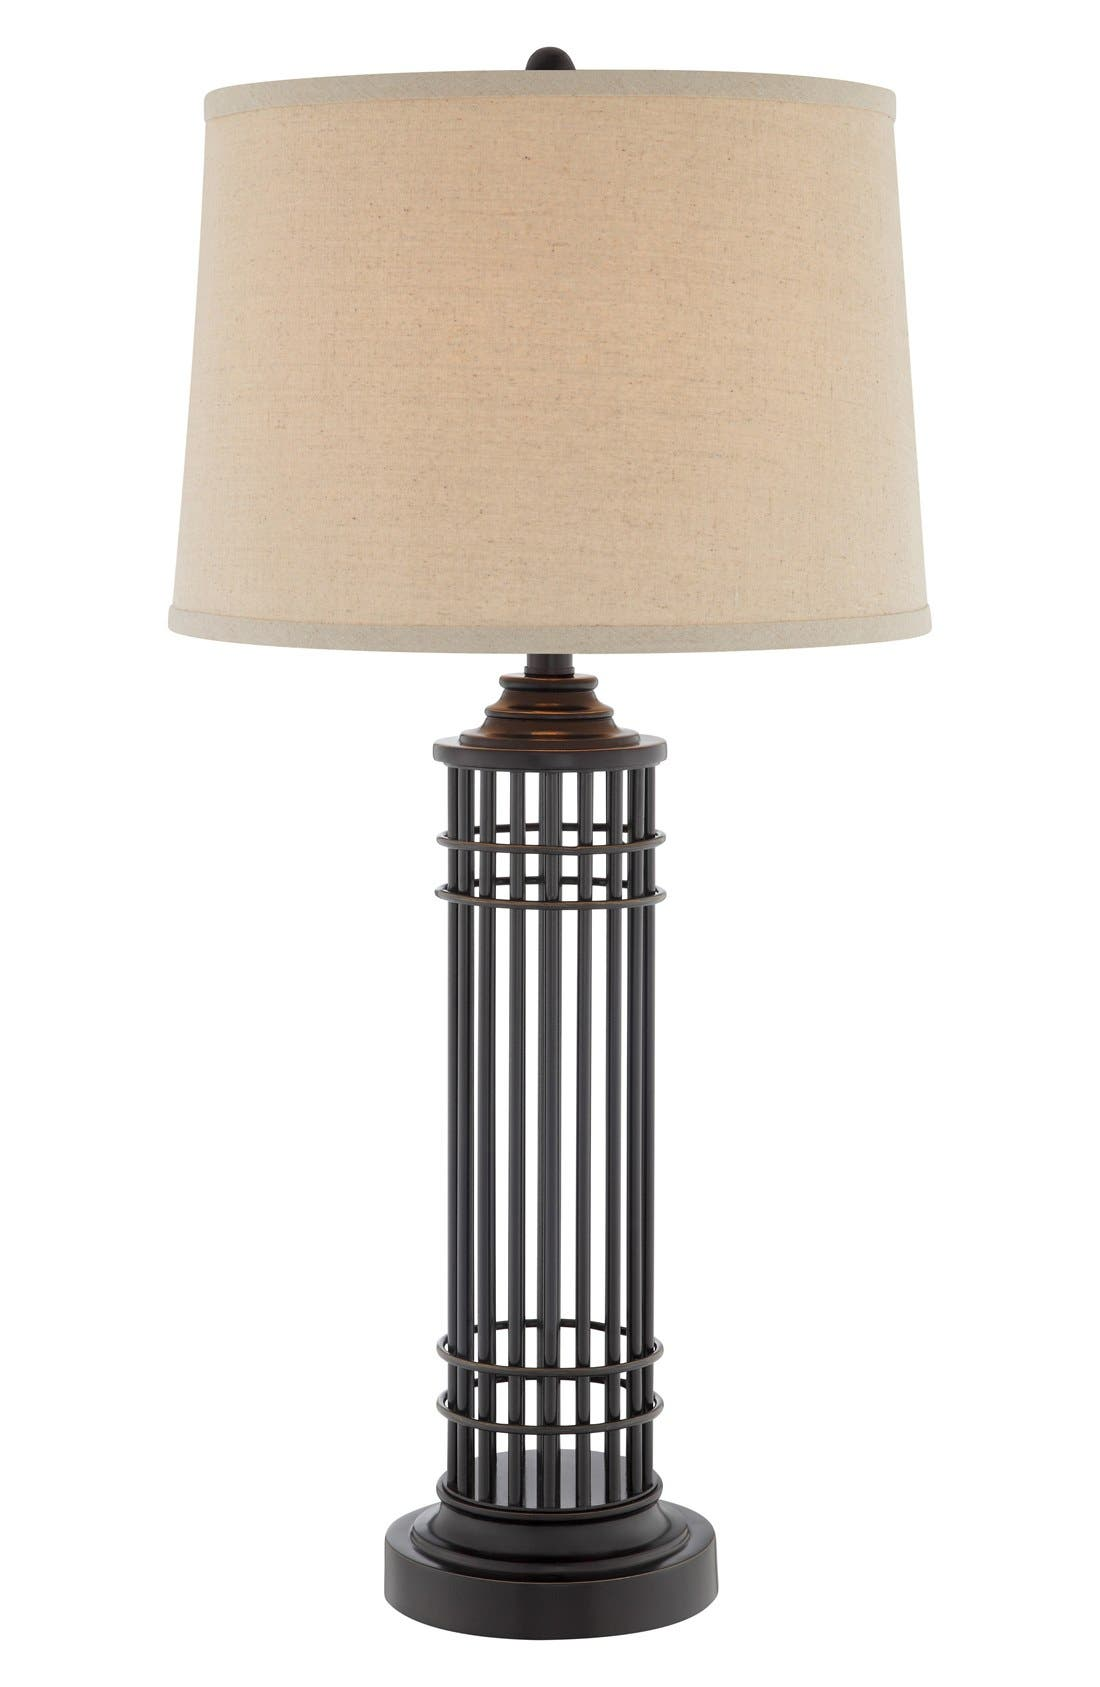 JAlexander Lighting Open Cage Metal Table Lamp